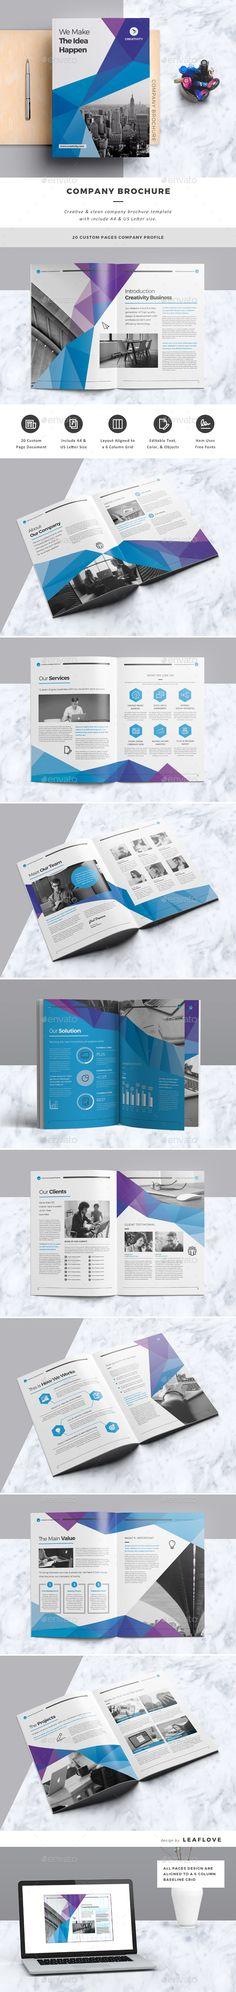 Bai-Fold Brochure Brochure template, Templates and Brochures - technology brochure template